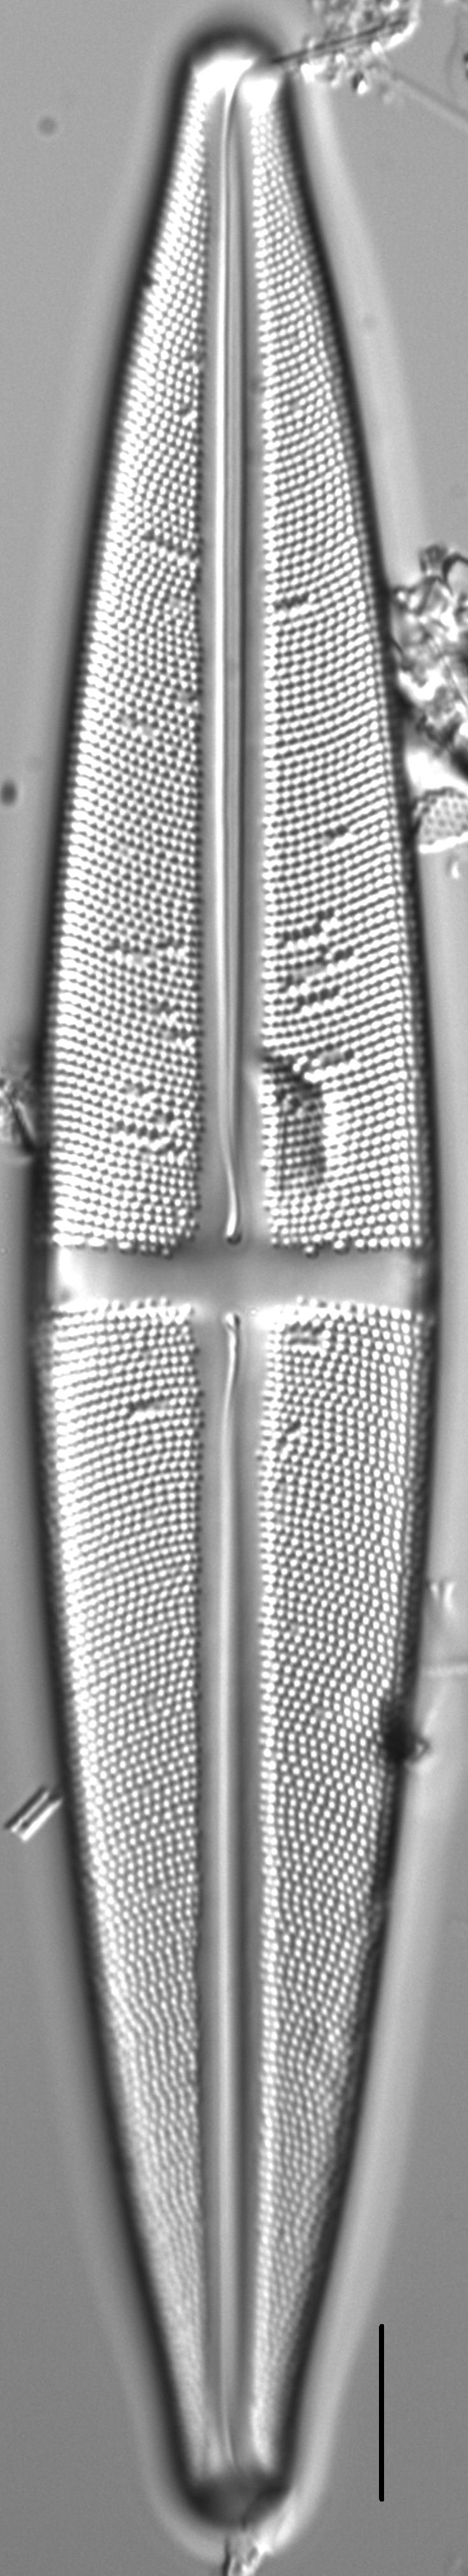 Stauroneis supergracilis LM1